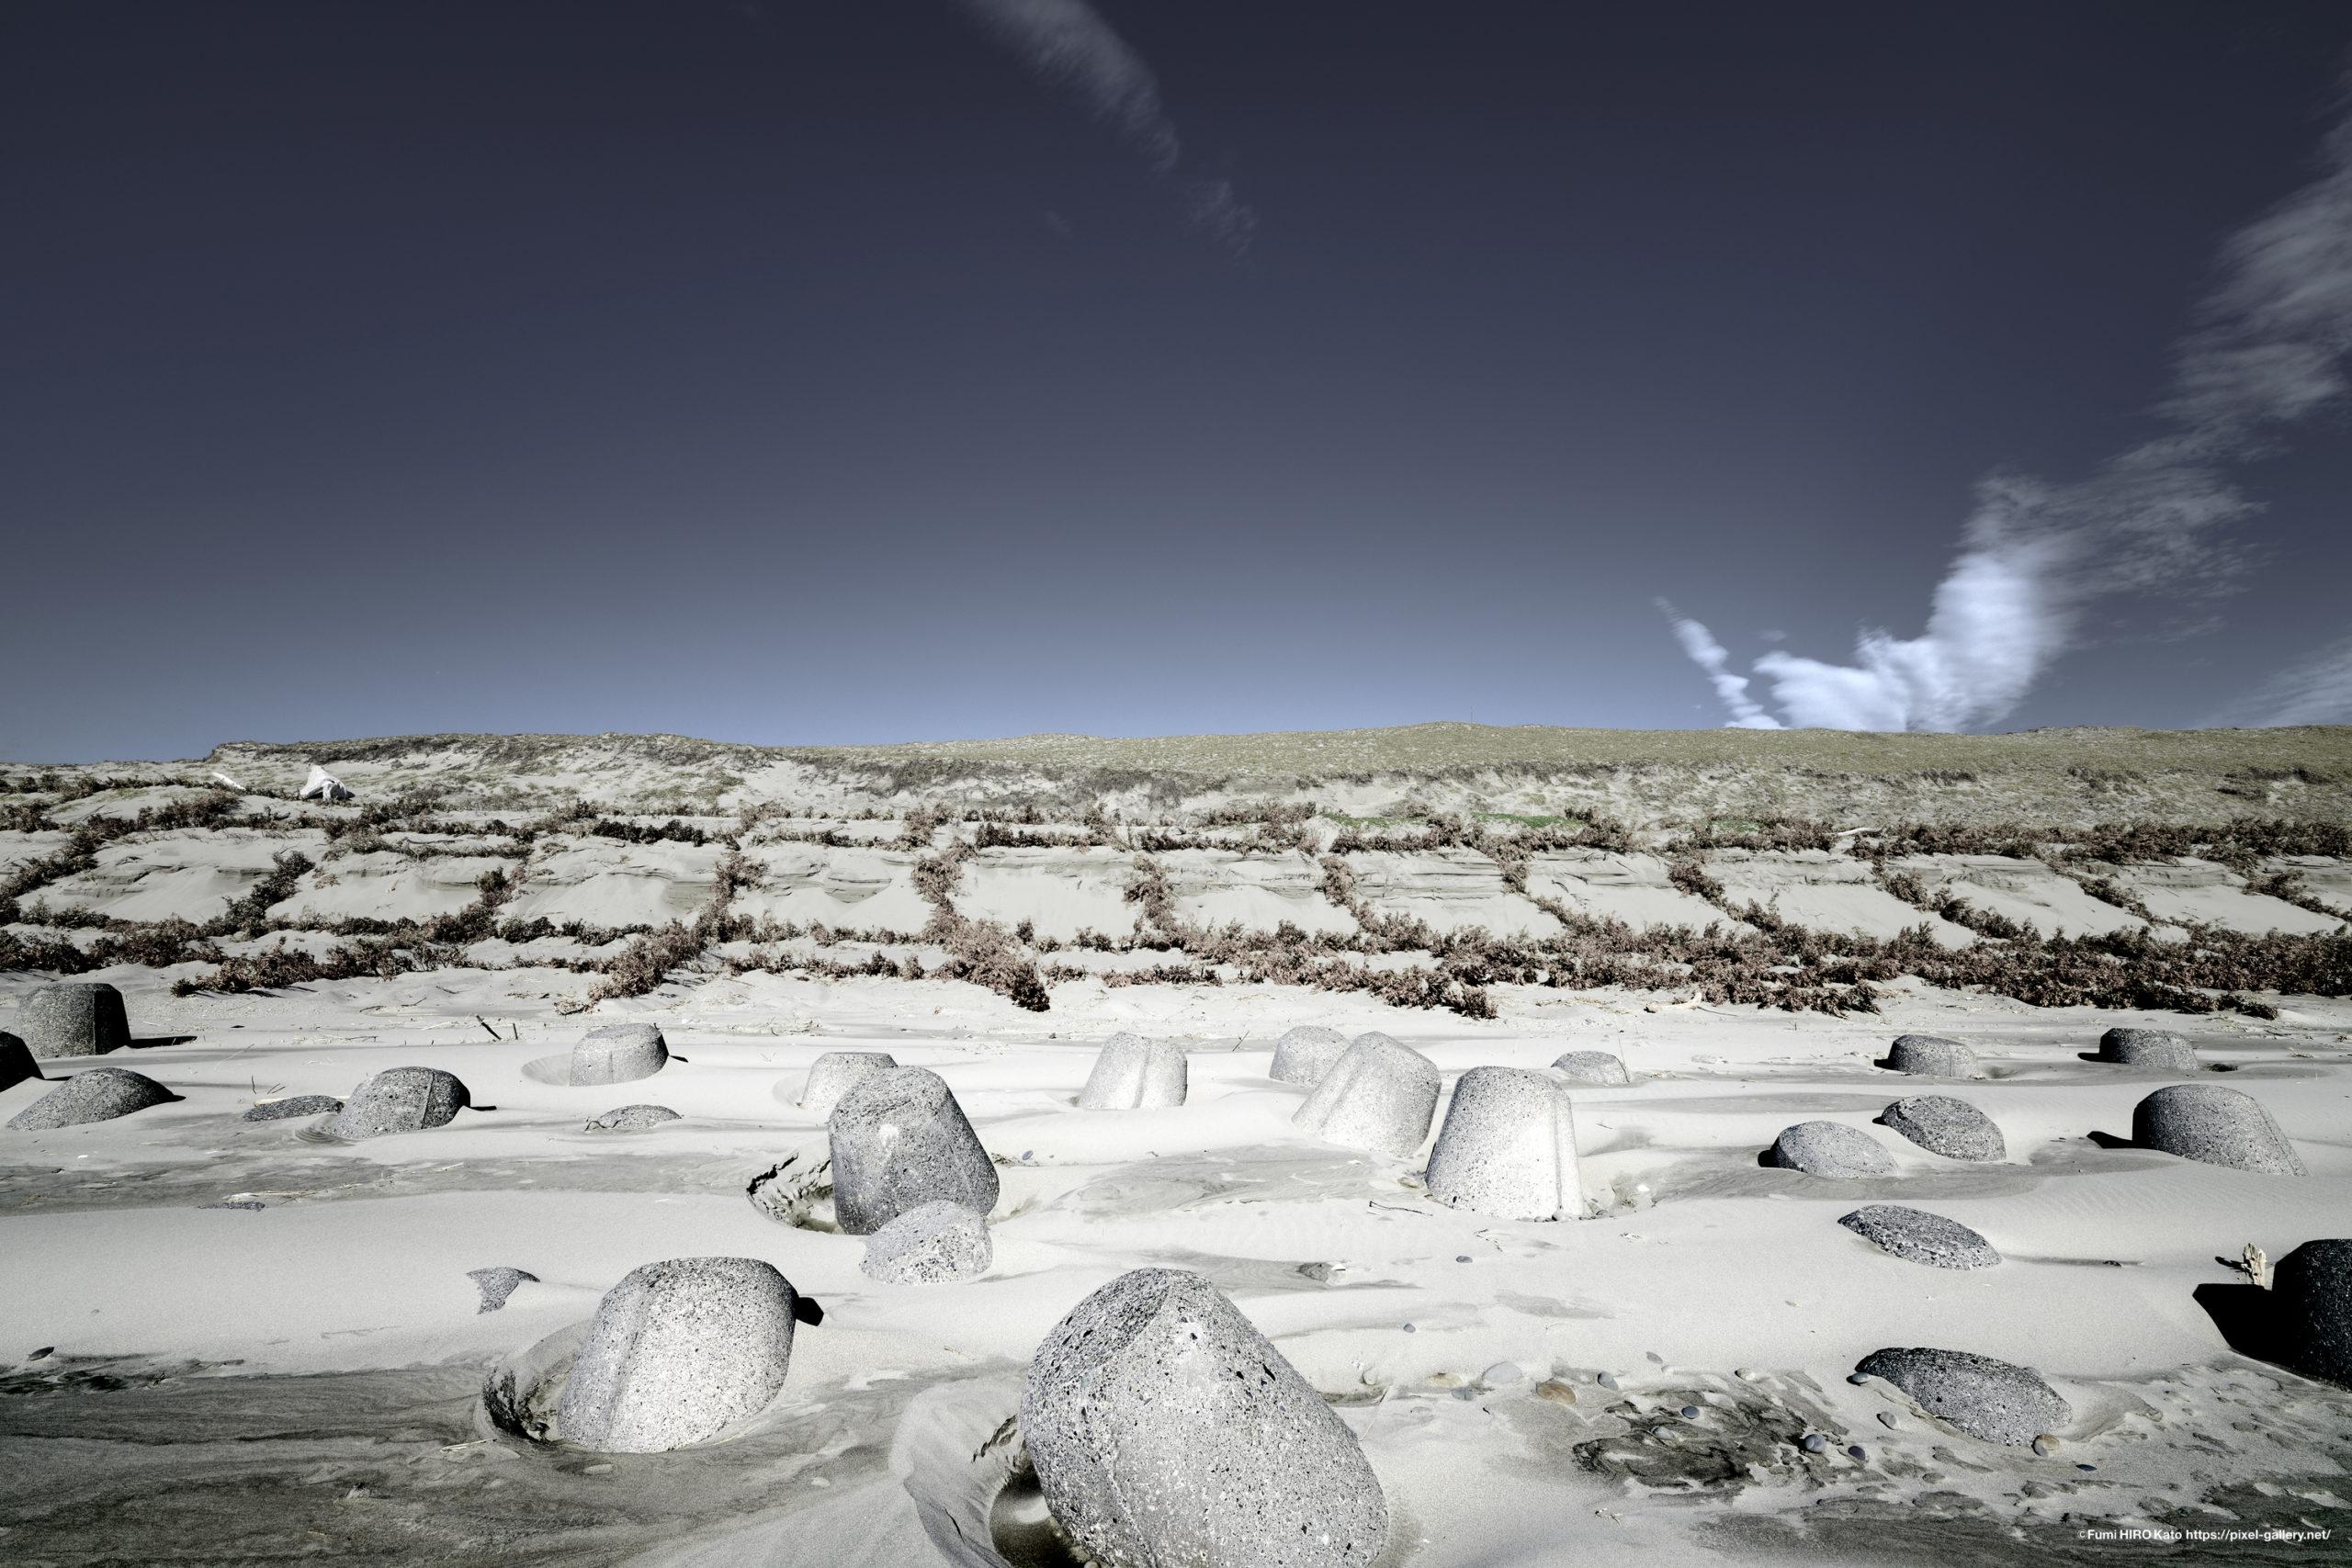 惑星と文明 19-029 時間は砂となって降り積もる